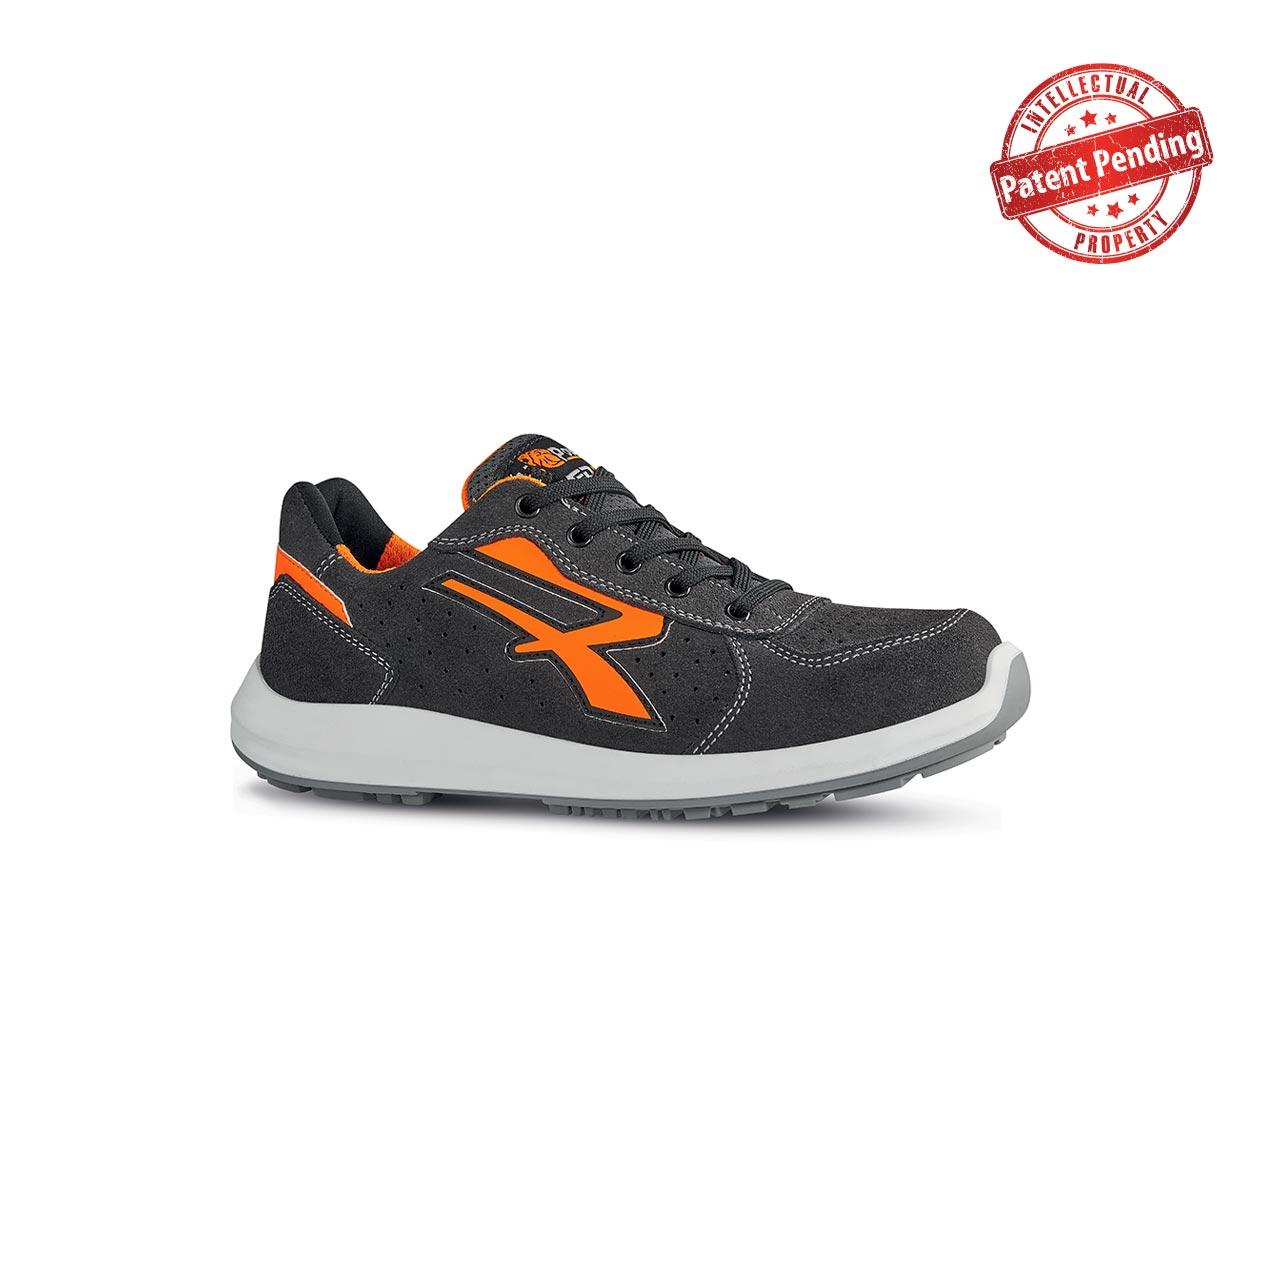 scarpa antinfortunistica upower modello sirio linea redup vista laterale